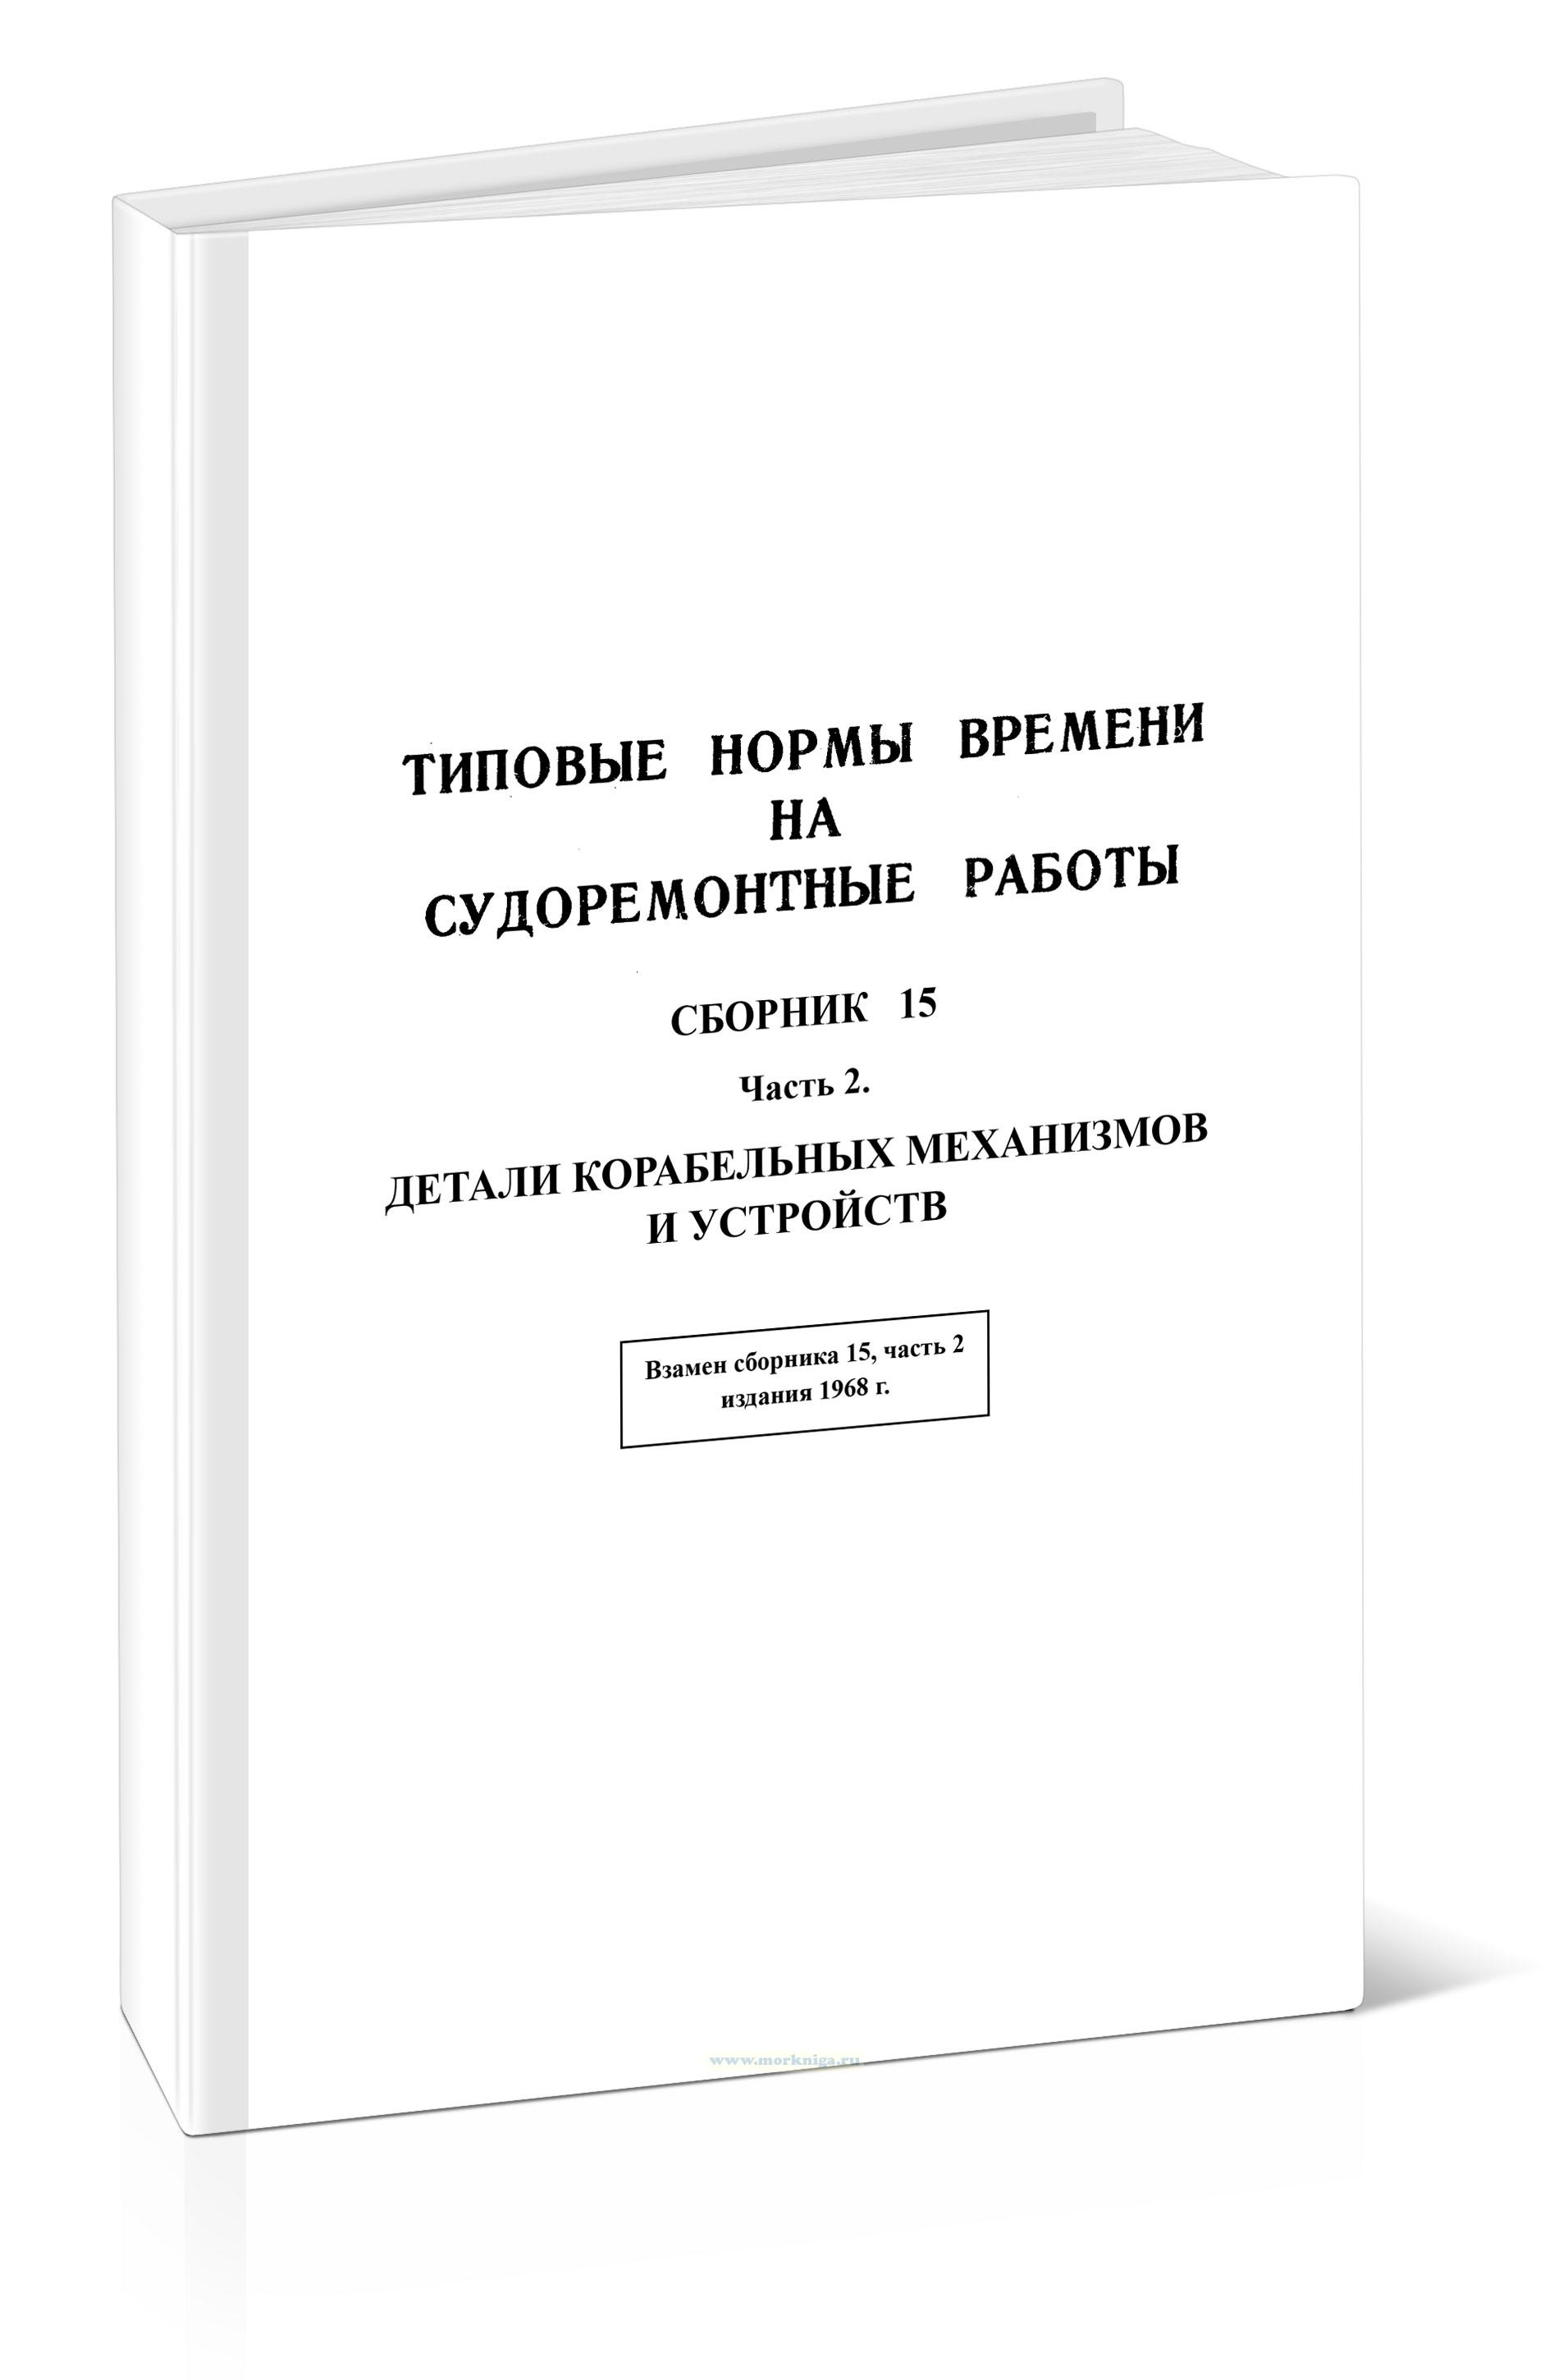 Типовые нормы времени на судоремонтные работы. Сборник 15. Часть 2. Детали корабельных механизмов и устройств